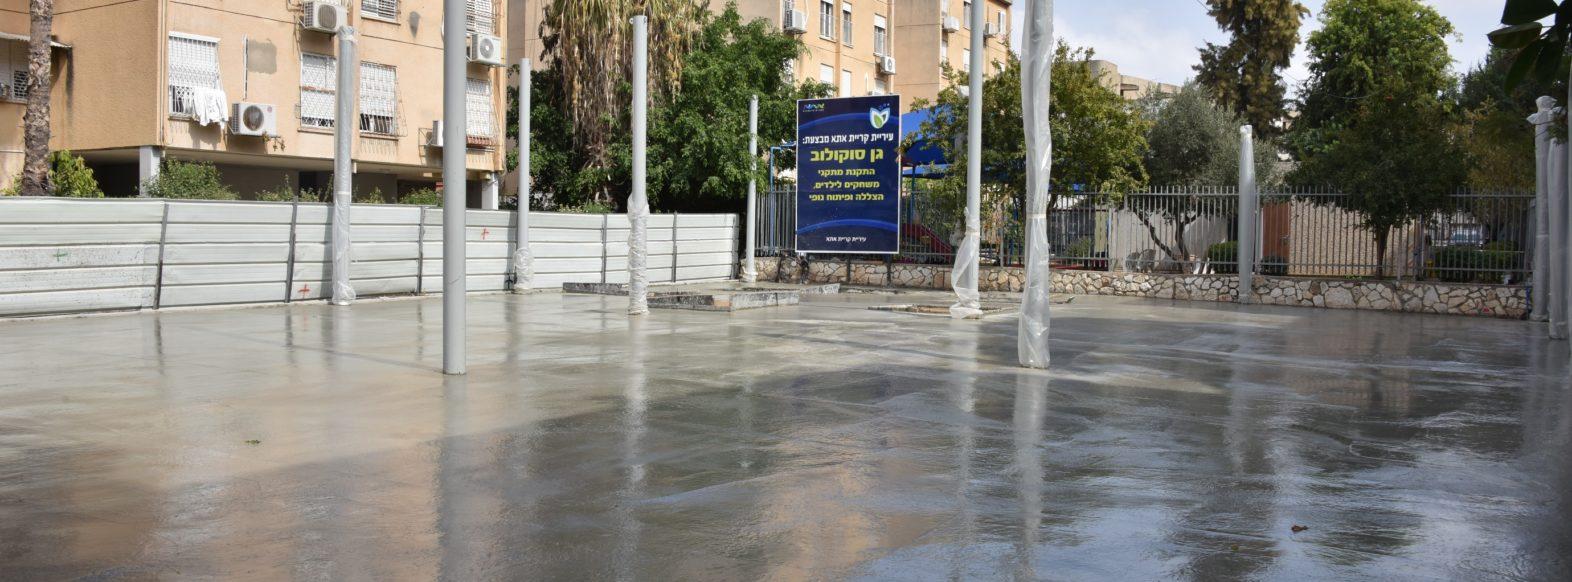 קריית אתא: 2 גני משחקים יוקמו ברחובות סוקולוב וחנקין